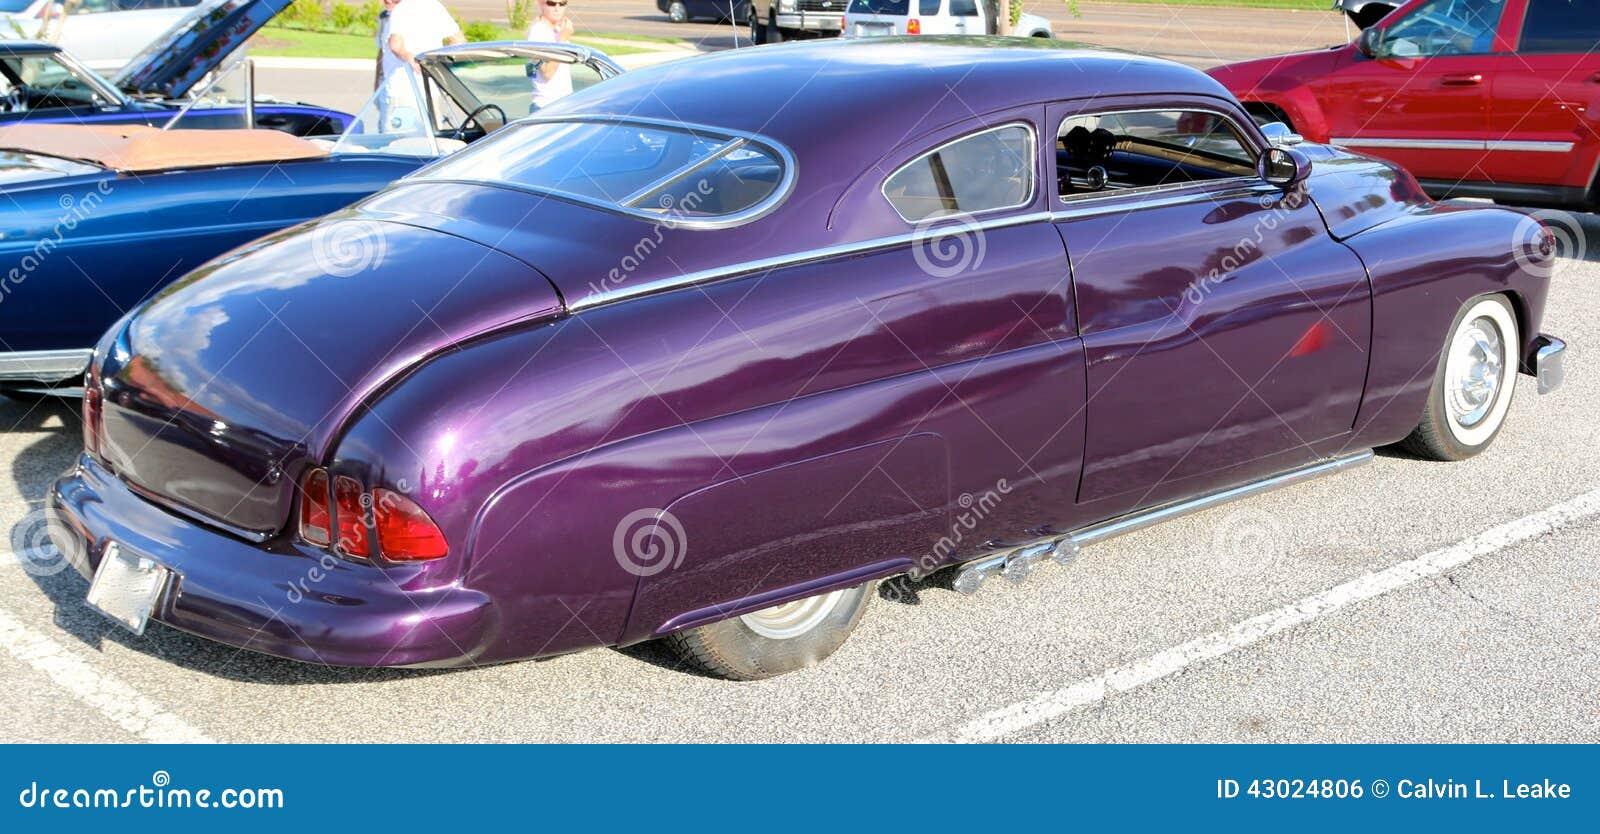 vue arri re de voiture ancienne am ricaine classique en plum crazy purple photo ditorial. Black Bedroom Furniture Sets. Home Design Ideas